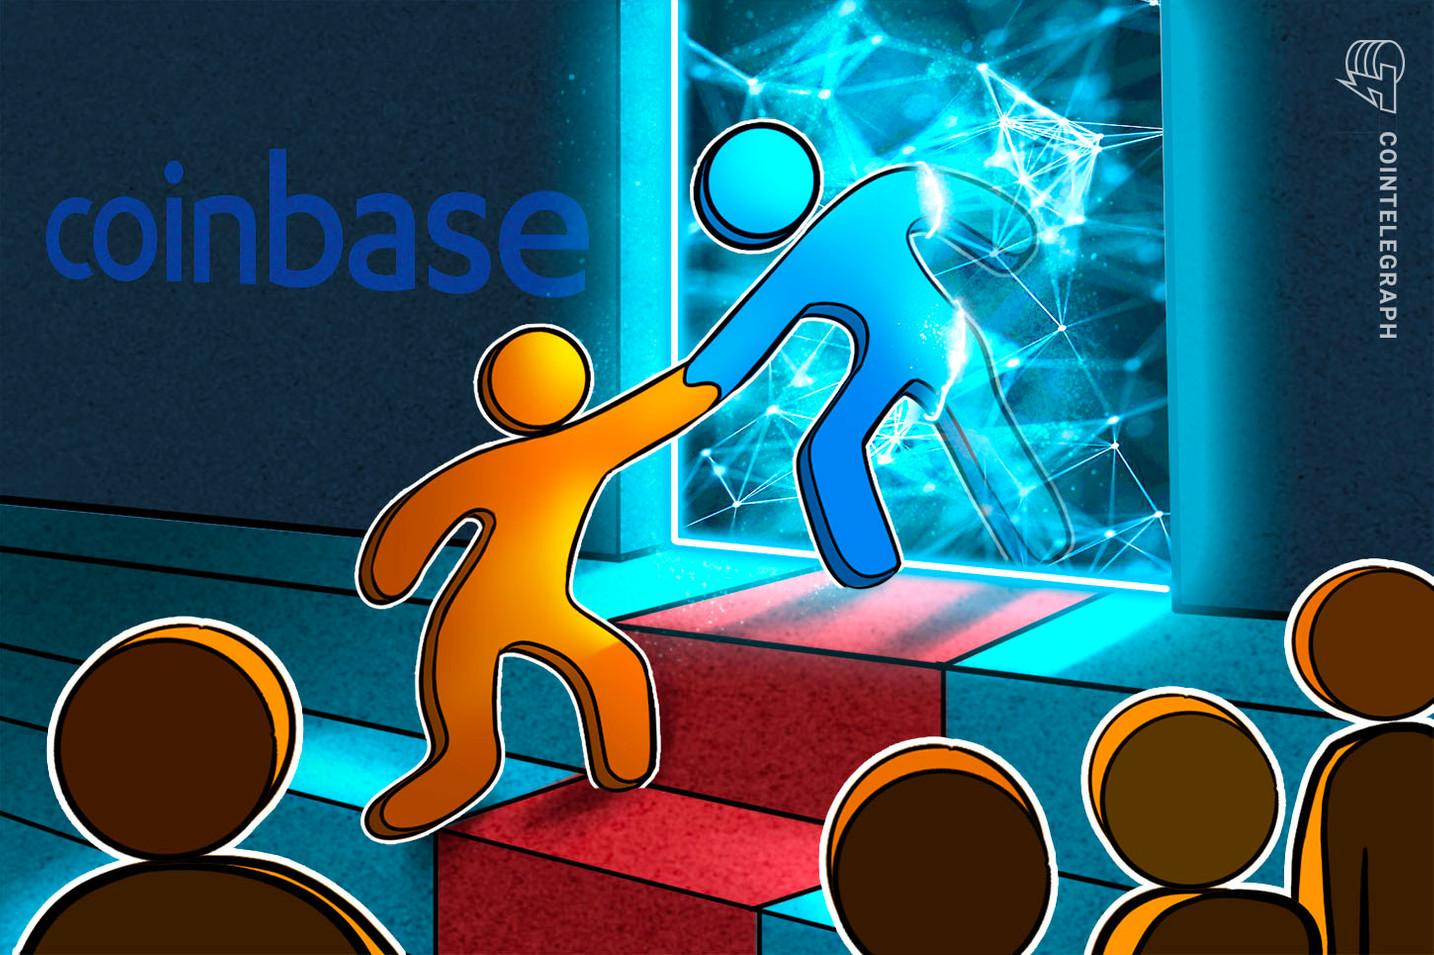 Coinbase registrou 8 milhões de novos usuários no ano passado